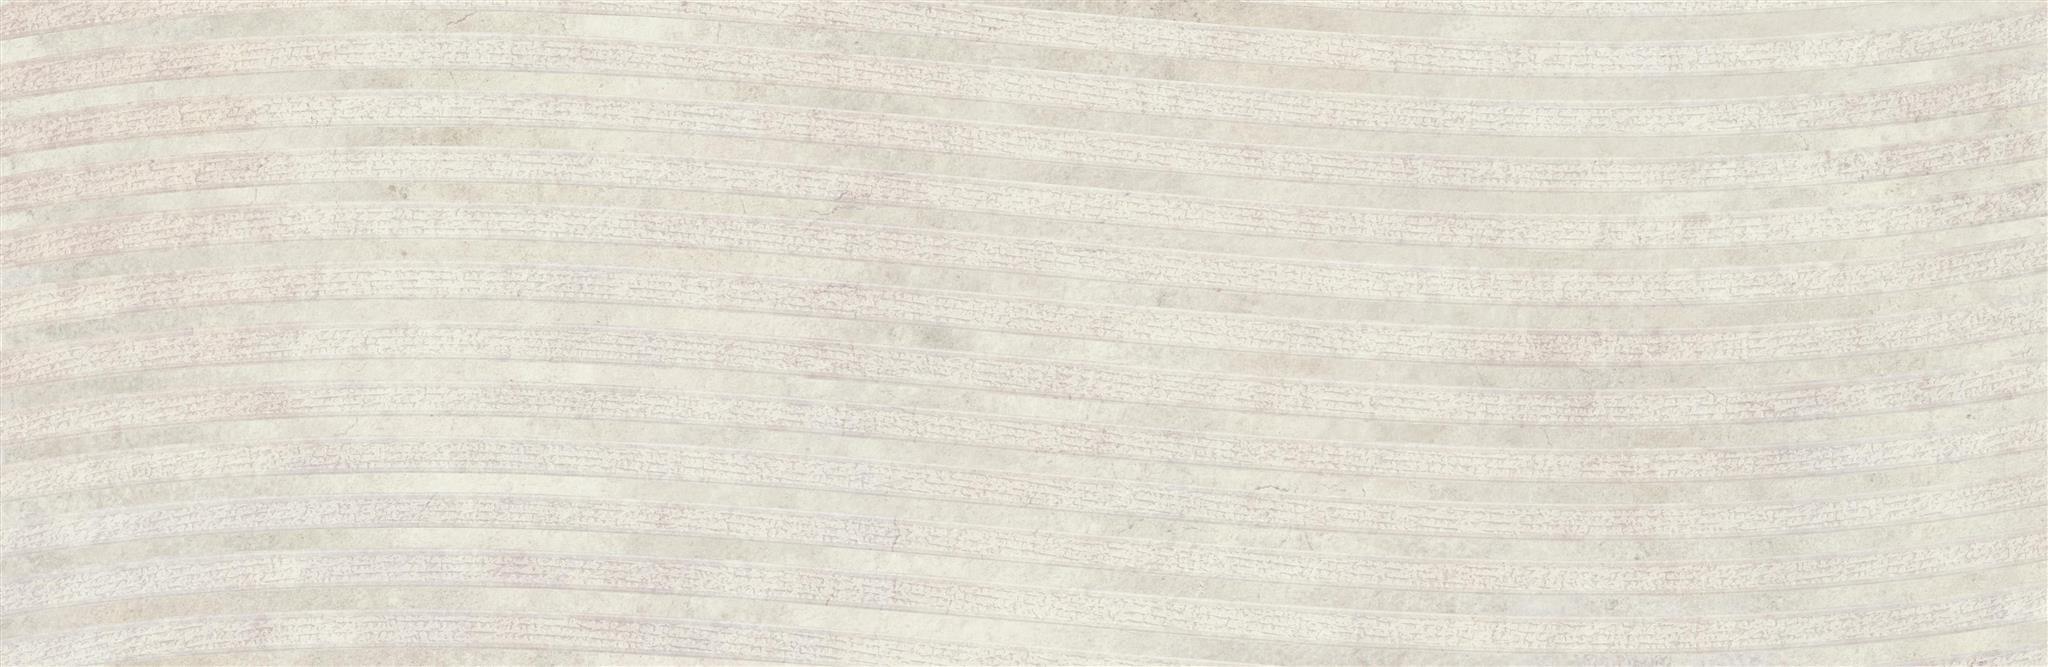 Купить Керамическая плитка Mei Honey Stone волна бежевый (O-HOA-WID012-54) декор 29x89, Россия